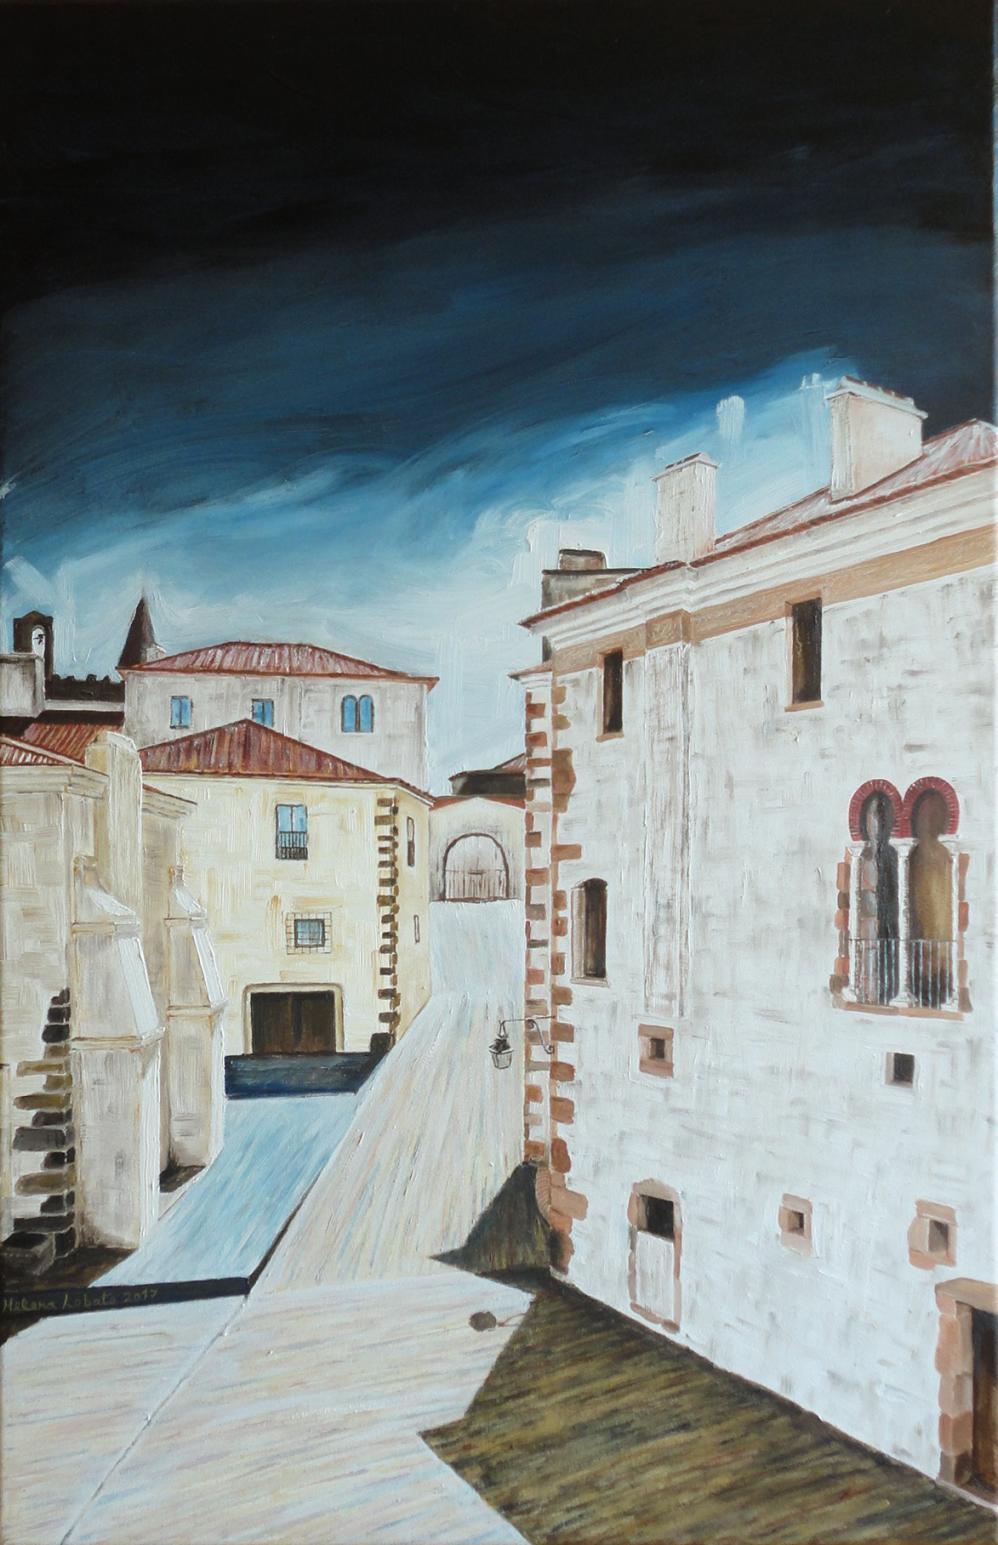 Vista do Pátio de S. Miguel - Évora (2017) - Helena Lobato